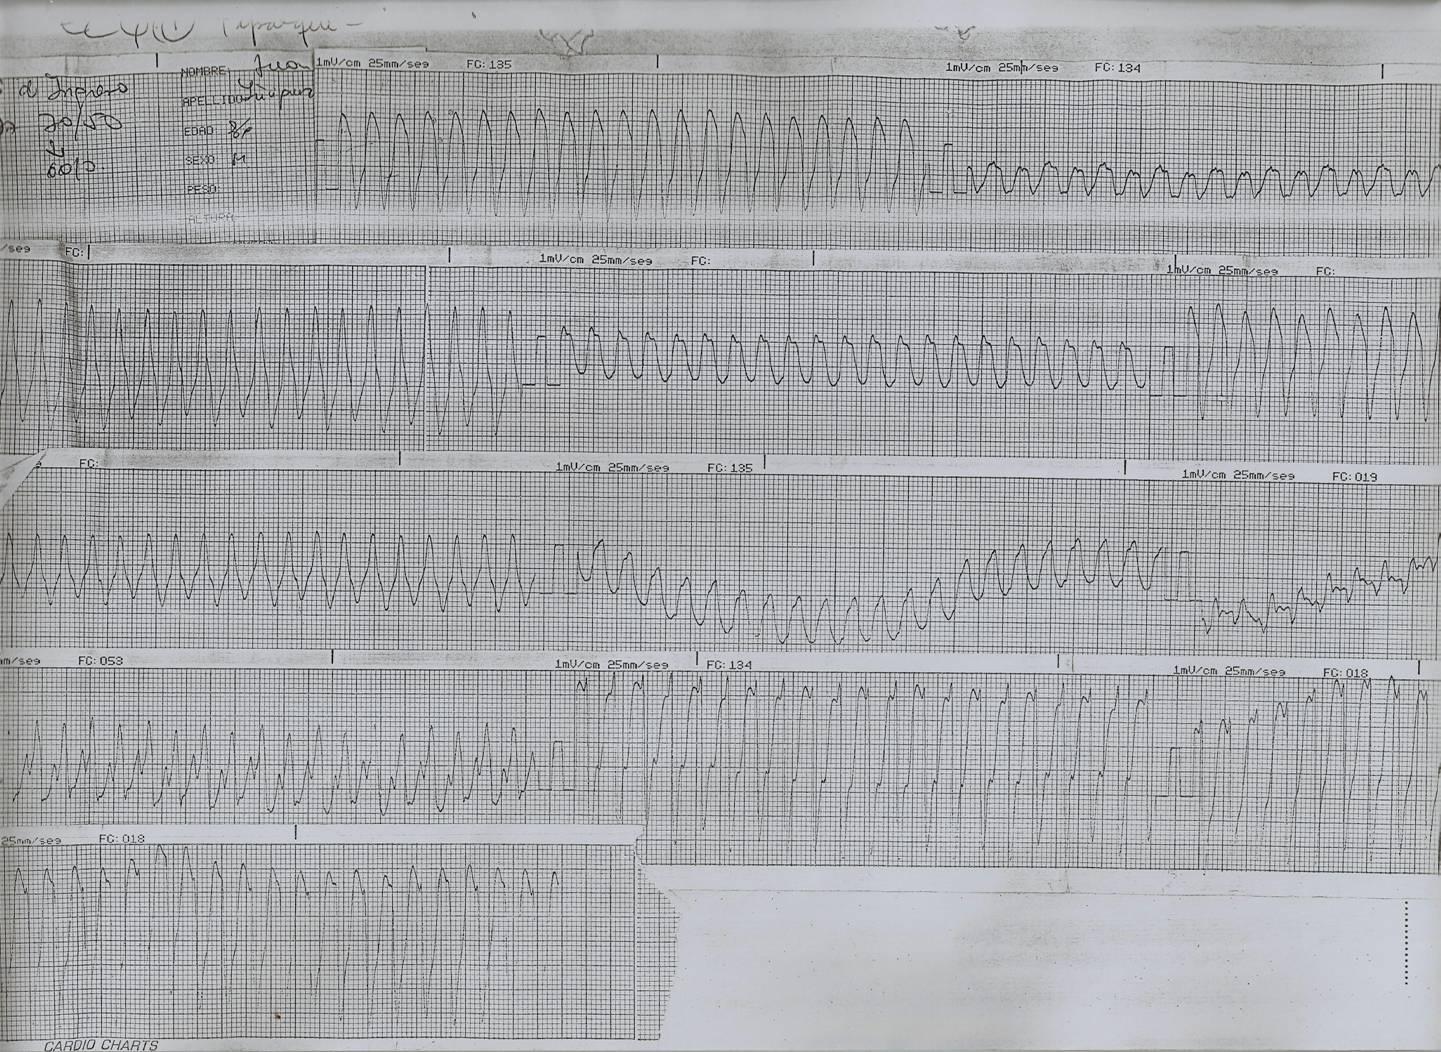 taquicardia ventricular paroxística emedicina diabetes